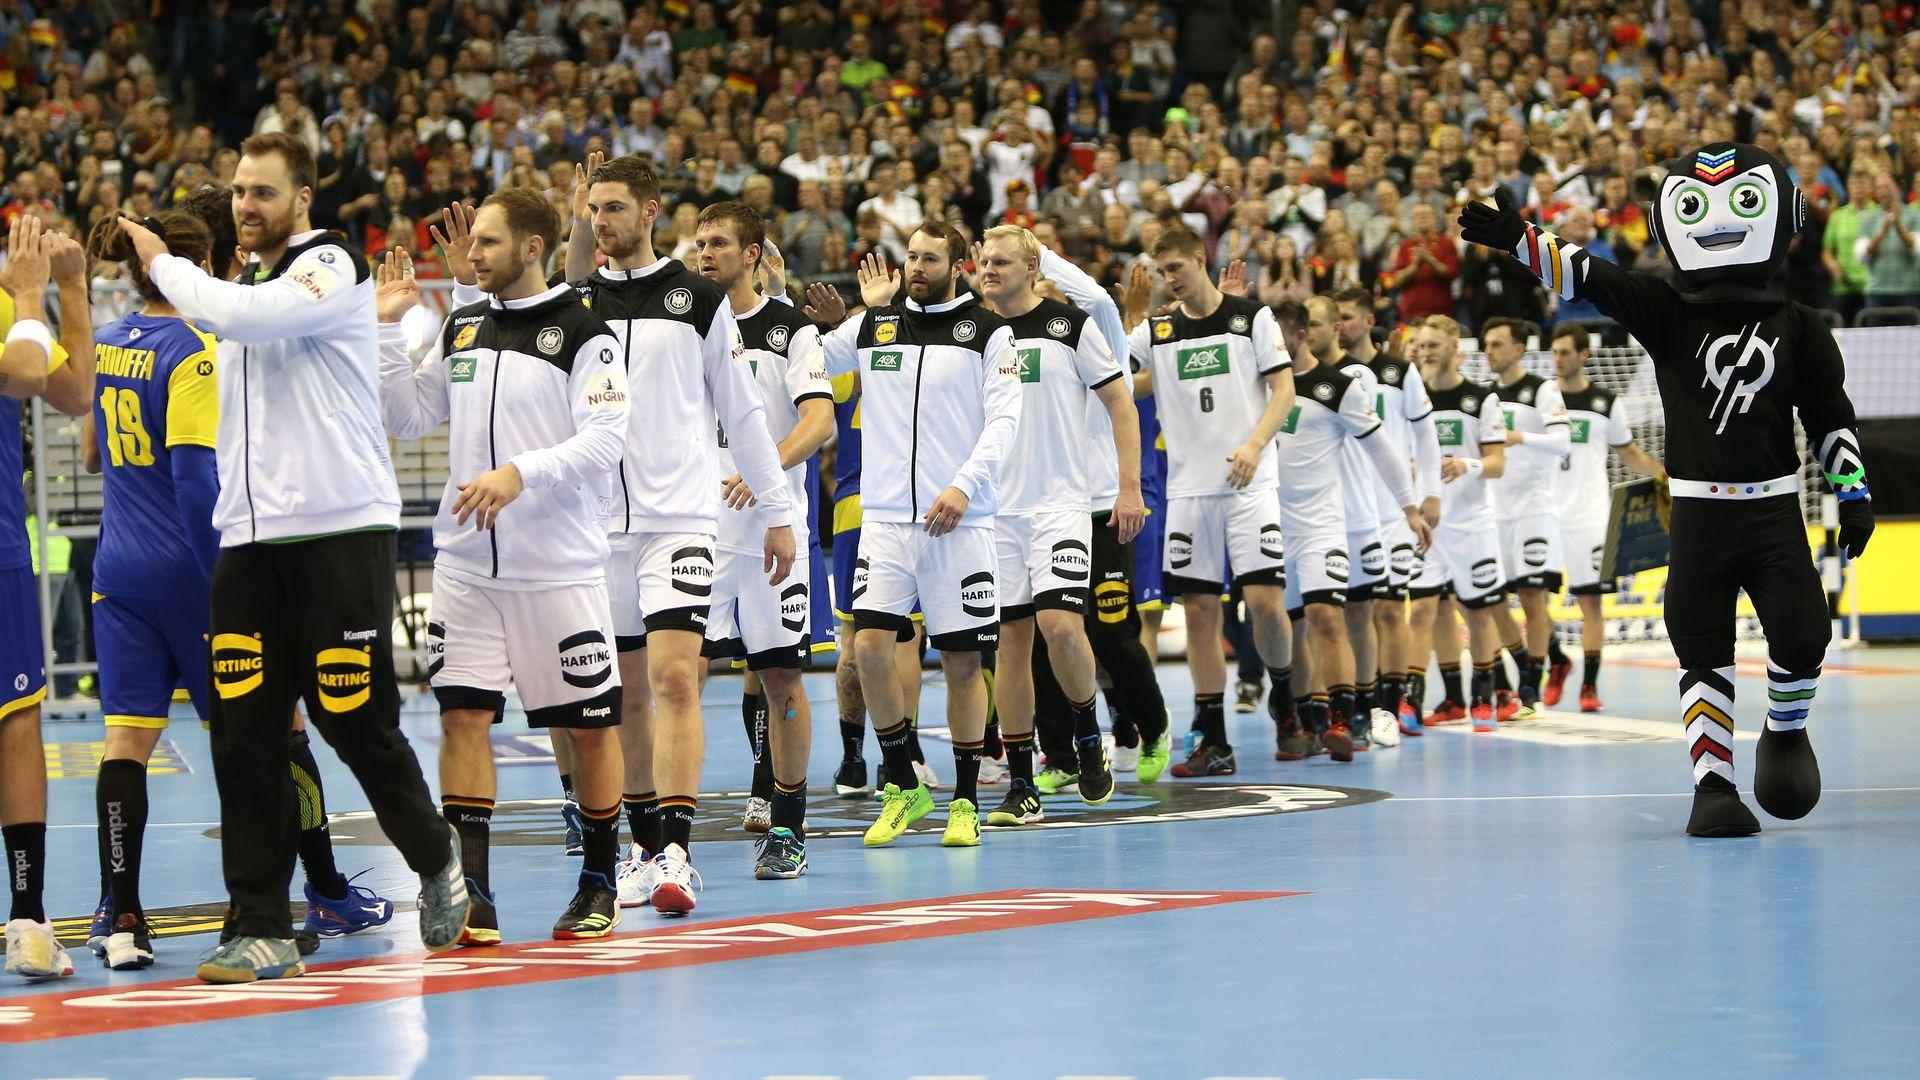 Handball Wm Spielstand